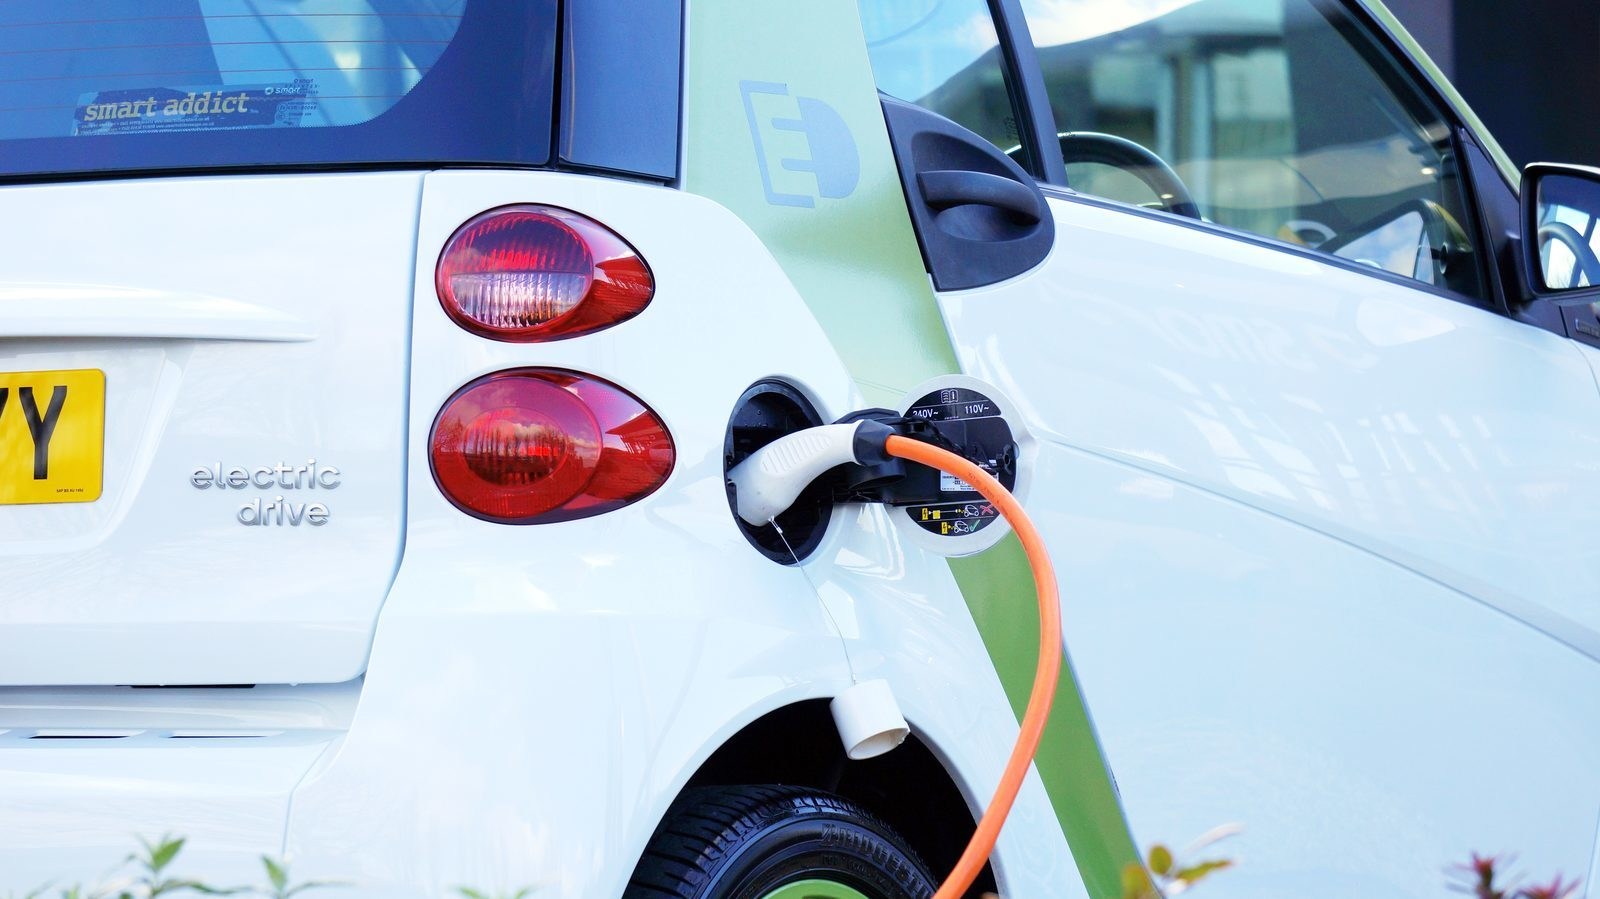 Station de recharge de voiture électrique